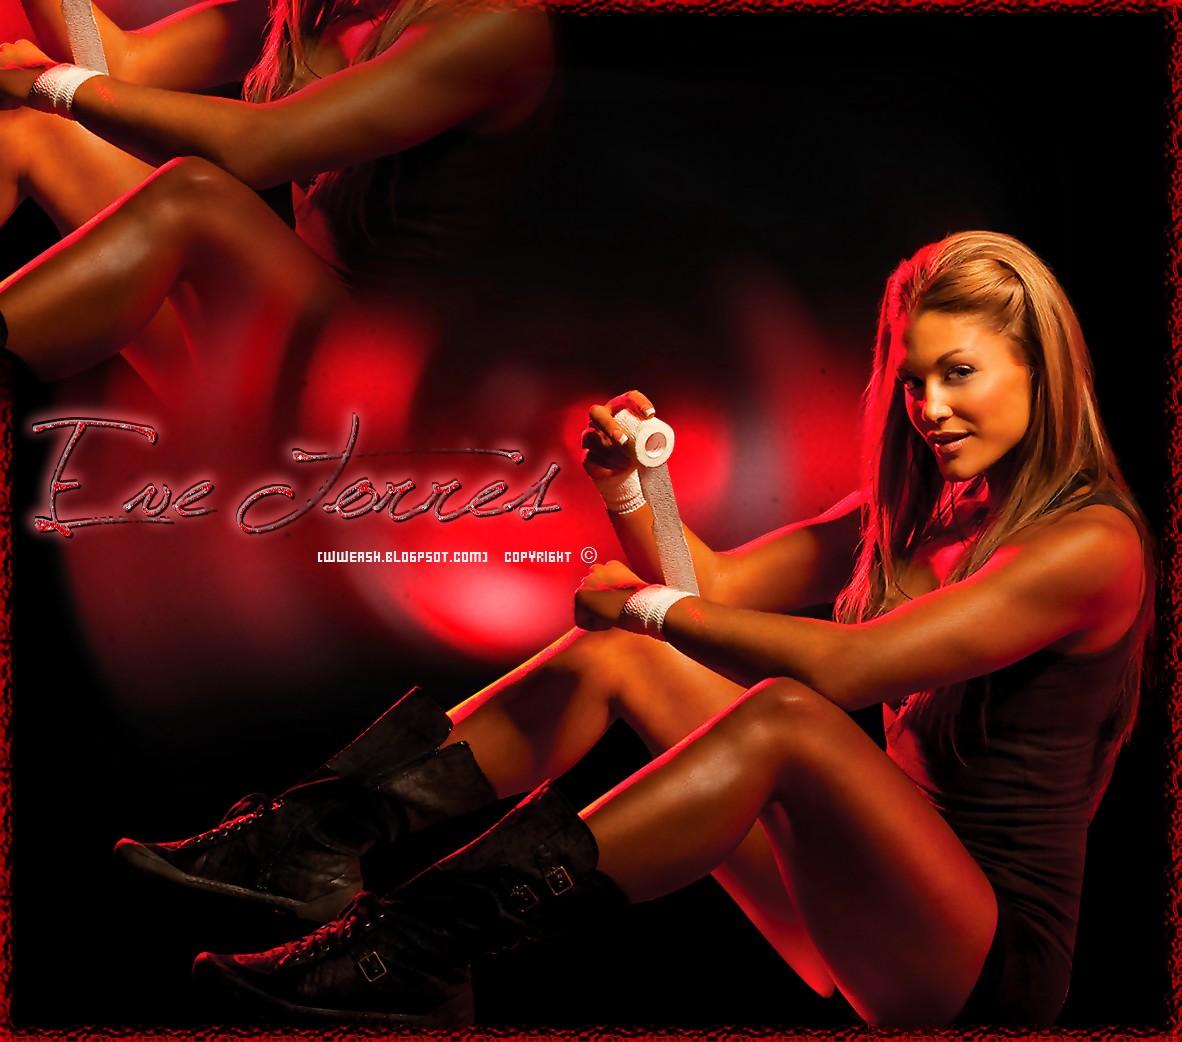 http://3.bp.blogspot.com/_s7eoA14qvTY/TGwBcIVIXdI/AAAAAAAACH4/e99-DiJYovU/s1600/Eve_torresS_Wweash.jpg